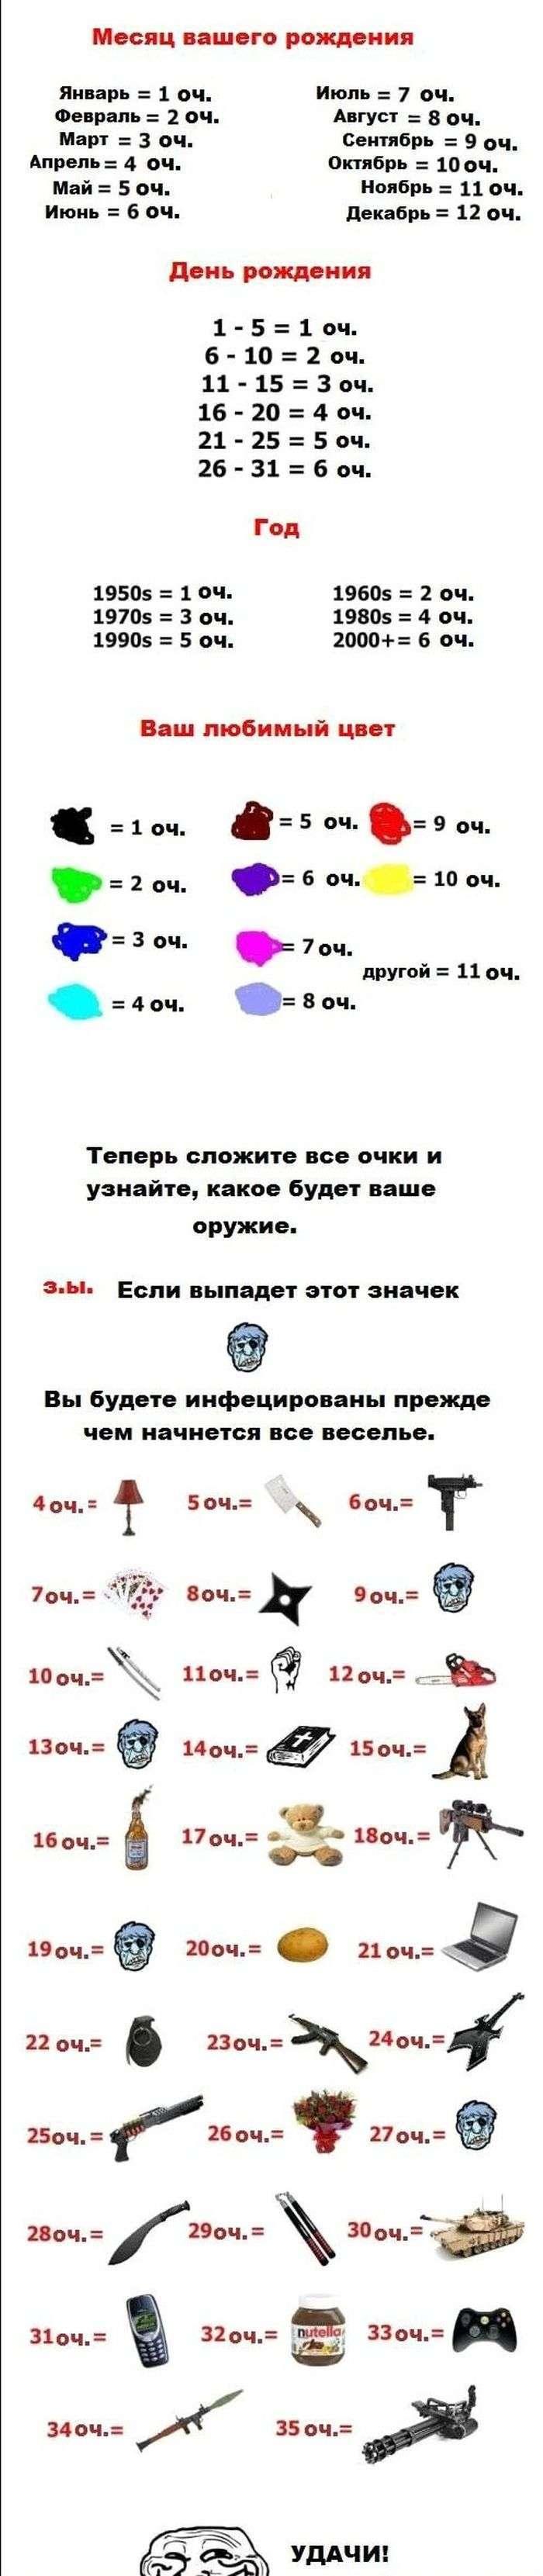 Чим ви будете захищатися під час зомбі-апокаліпсису (2 картинки)